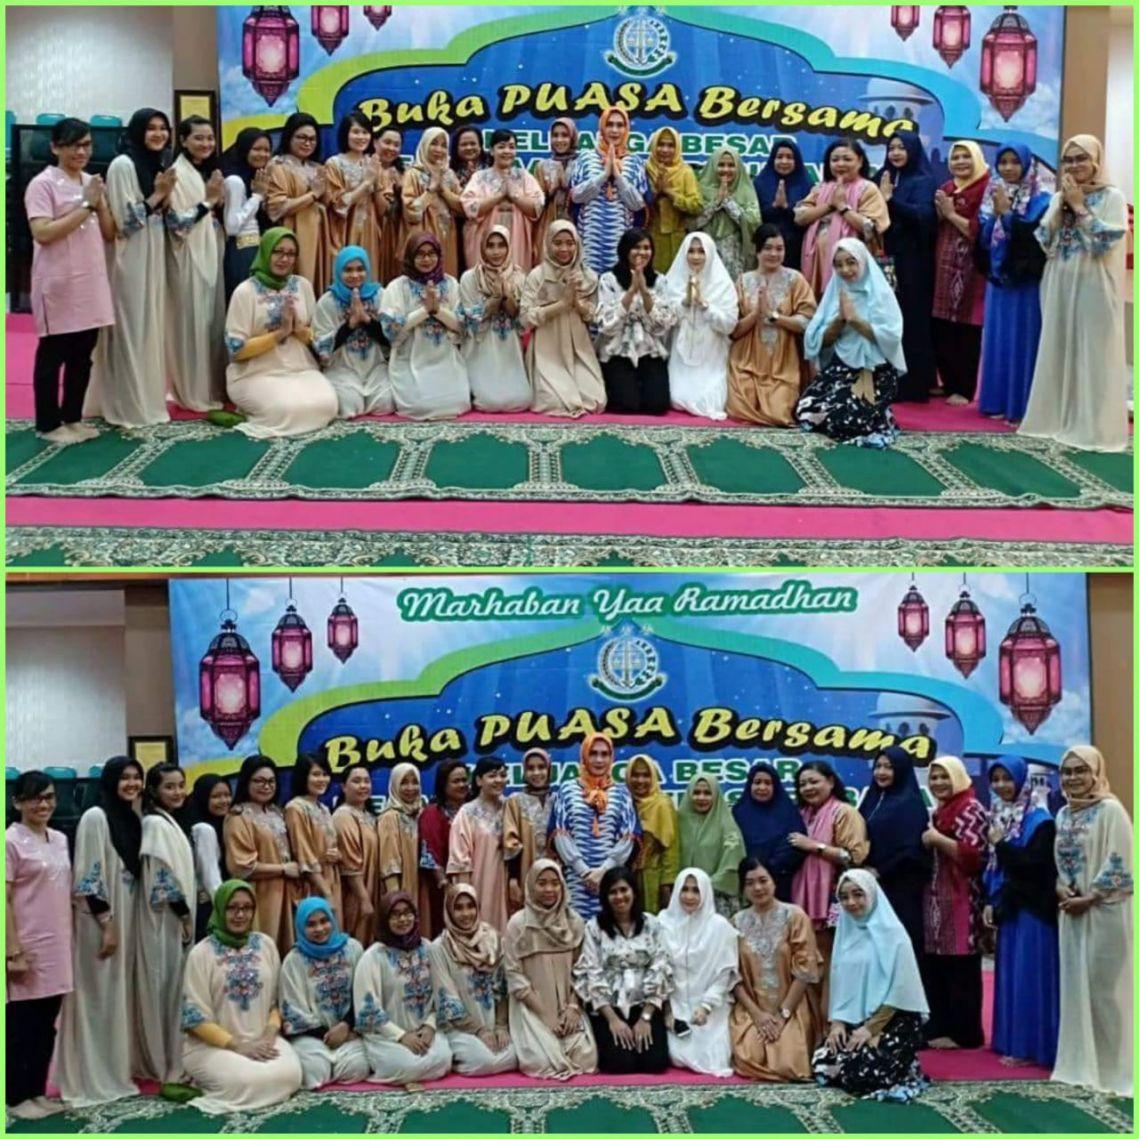 I.A.D Buka Puasa Bersama 06-06-2018